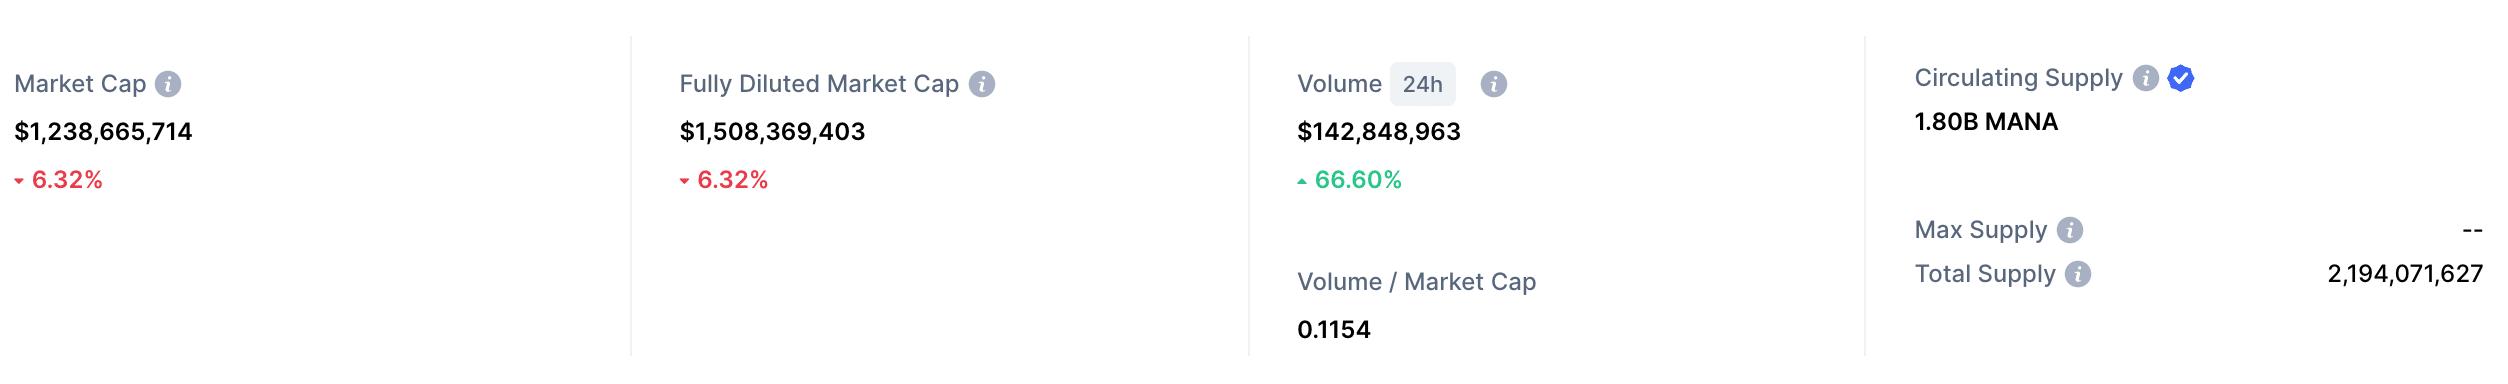 decentraland market cap